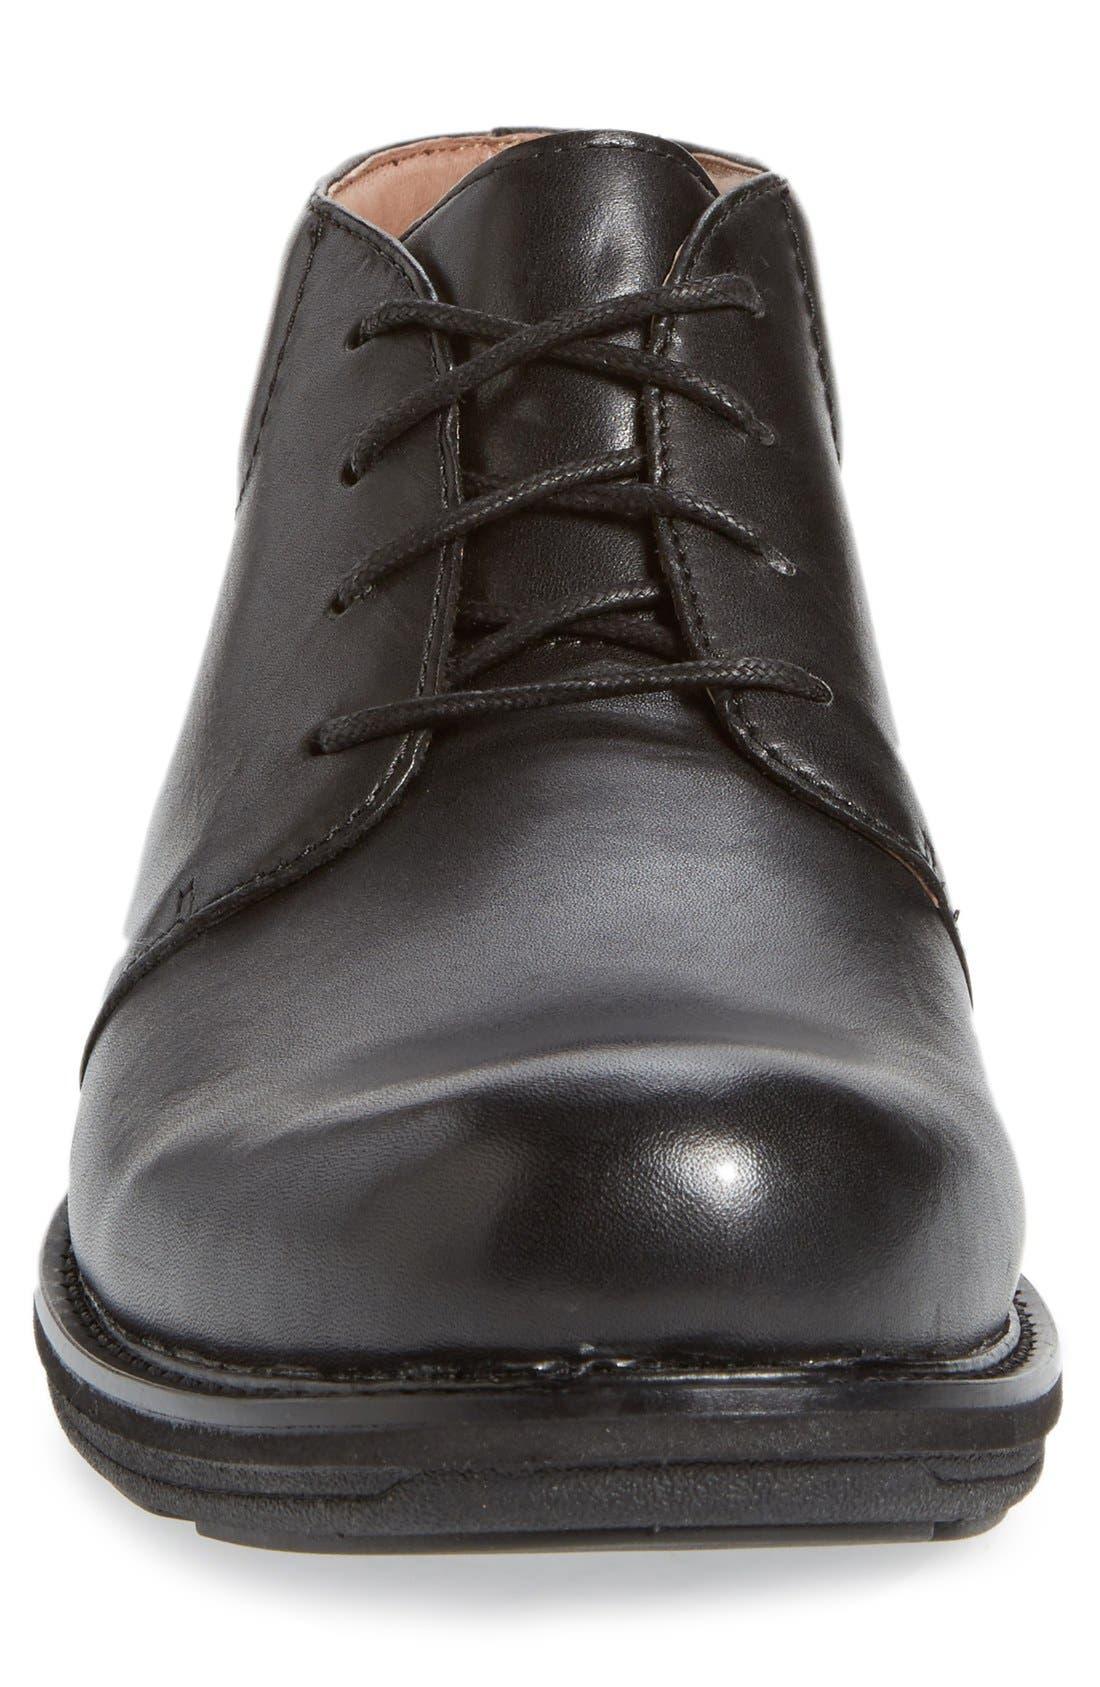 Alternate Image 3  - Dansko 'Jake' Chukka Boot (Men)